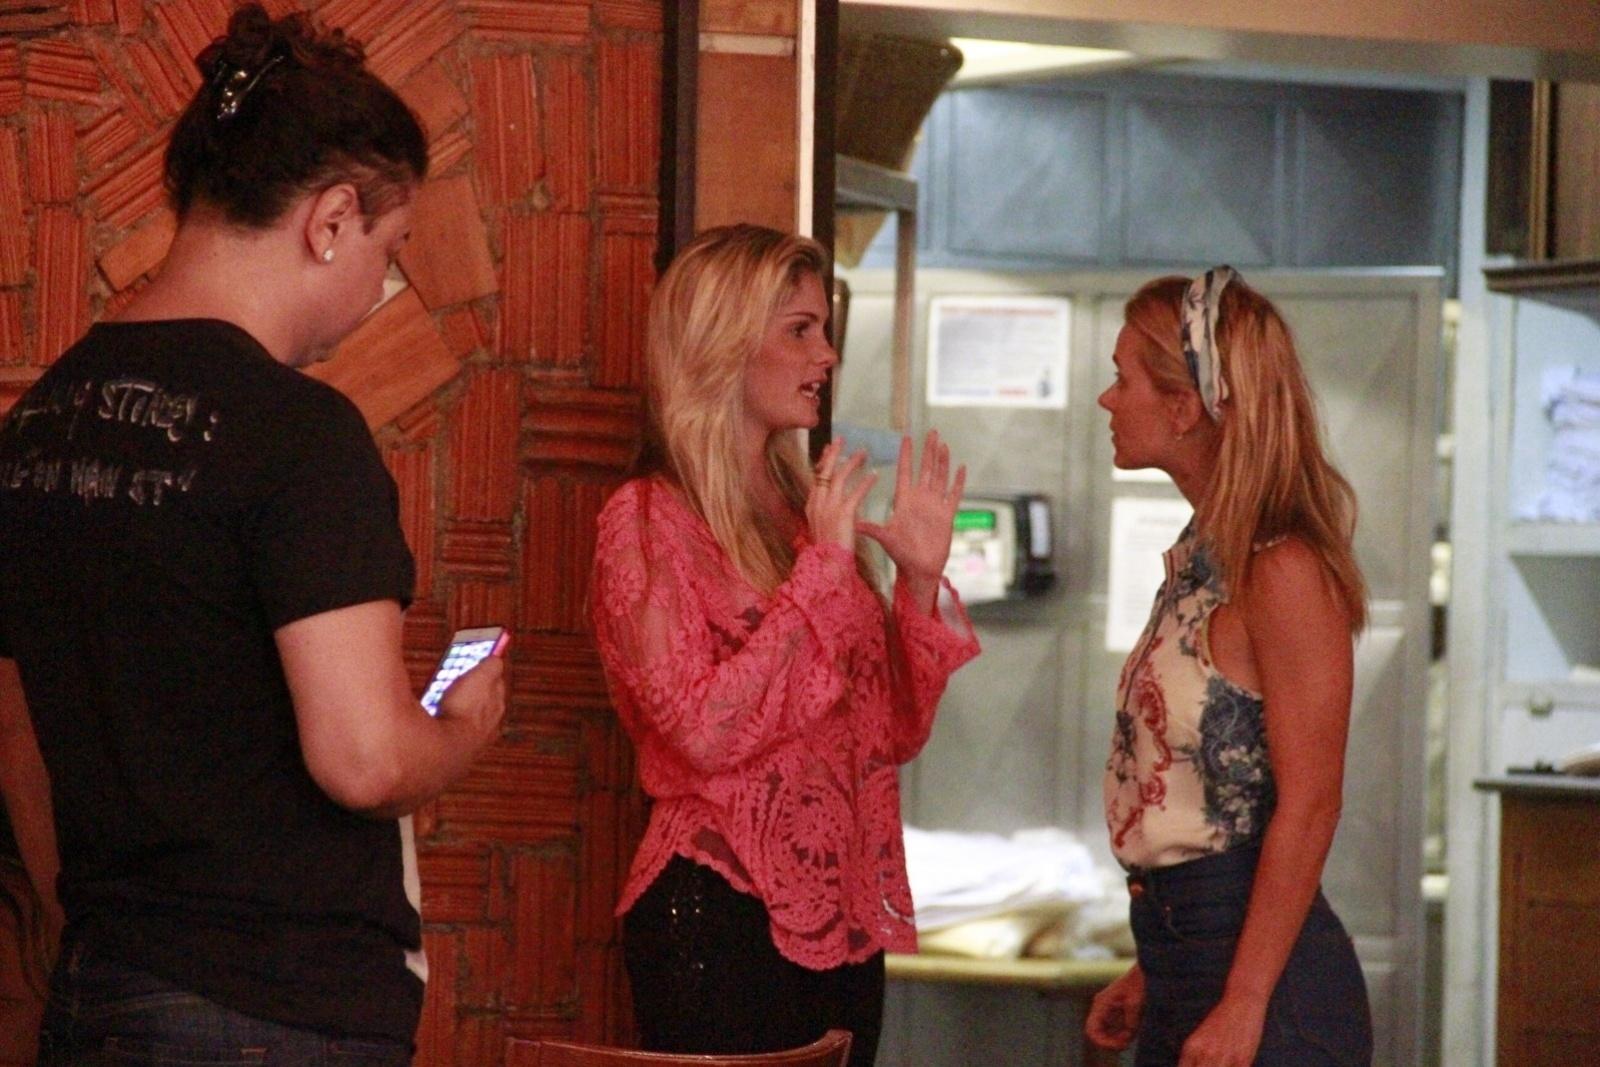 20.jan.2014 - Bárbara Evans e Carolina Dieckmann conversaram em uma churrascaria no Rio. Elas estavam no aniversário de Francisco, filho de Preta Gil